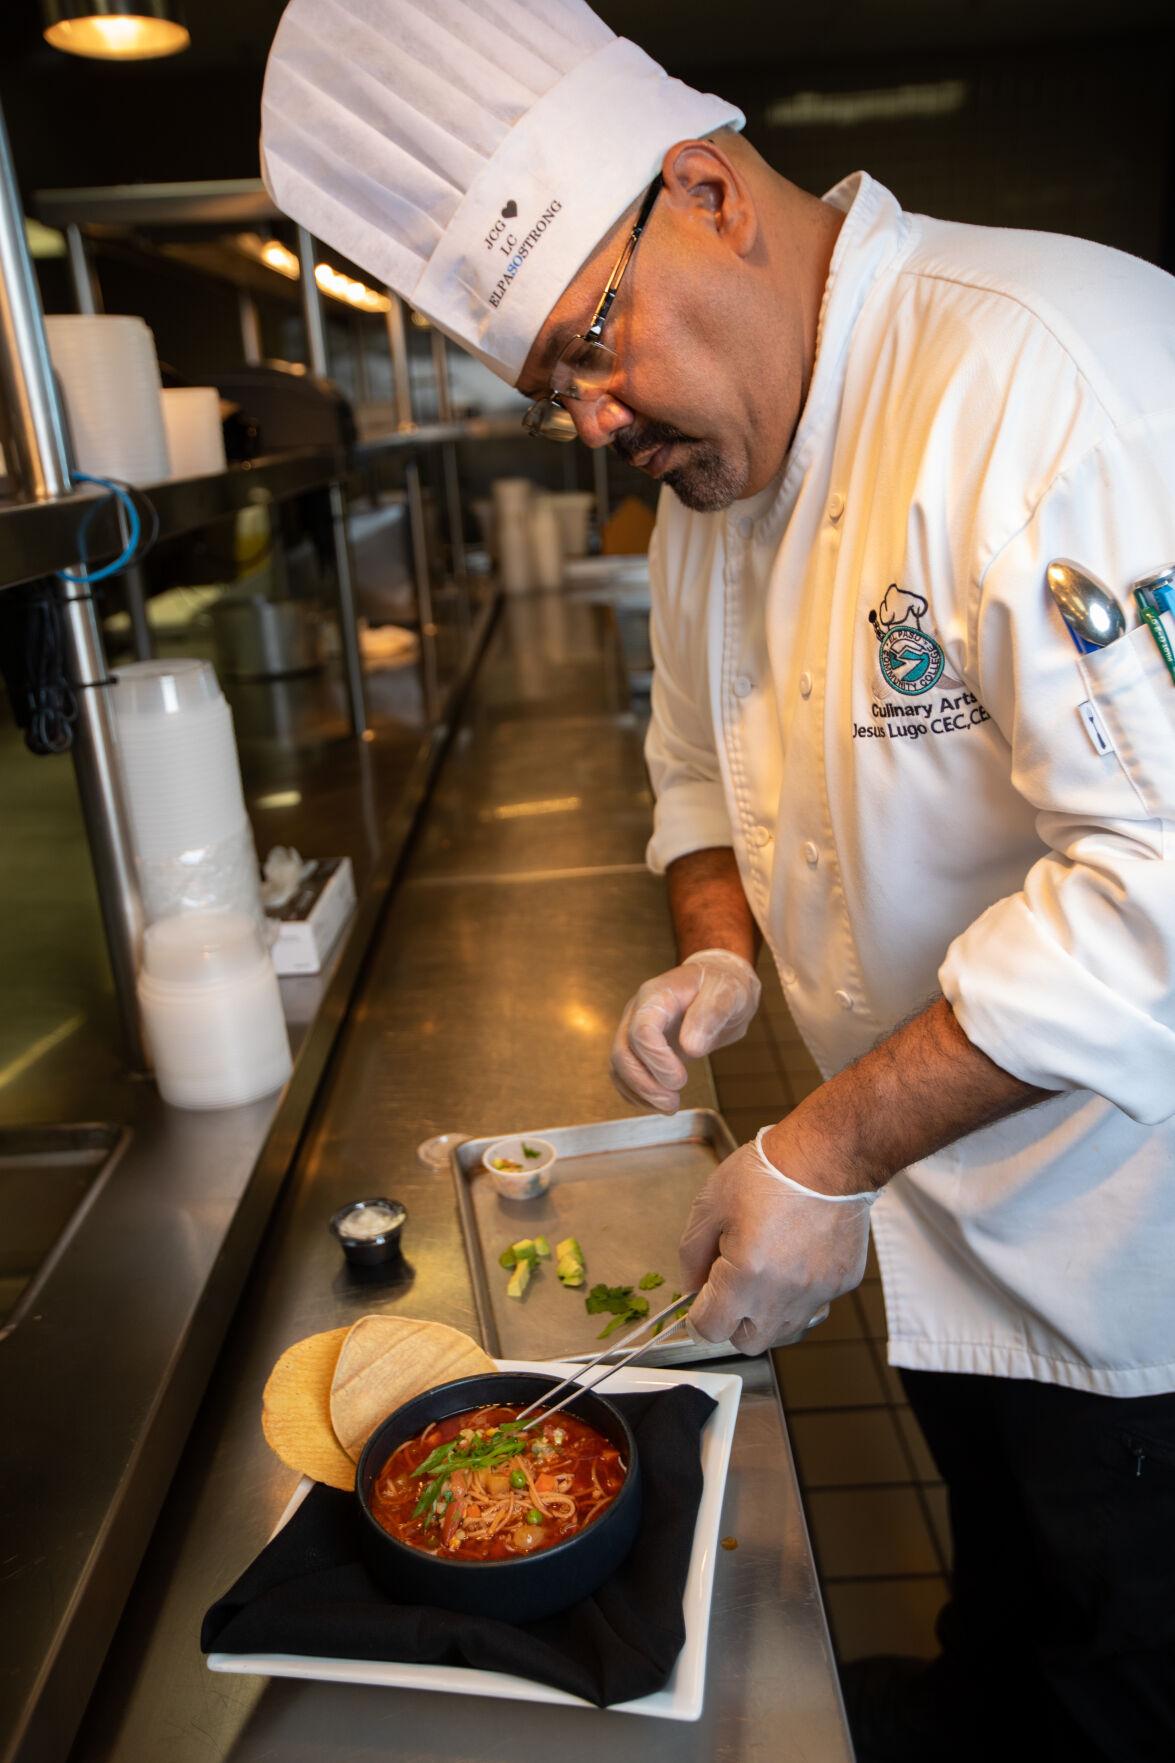 EPCC Chef Lugo